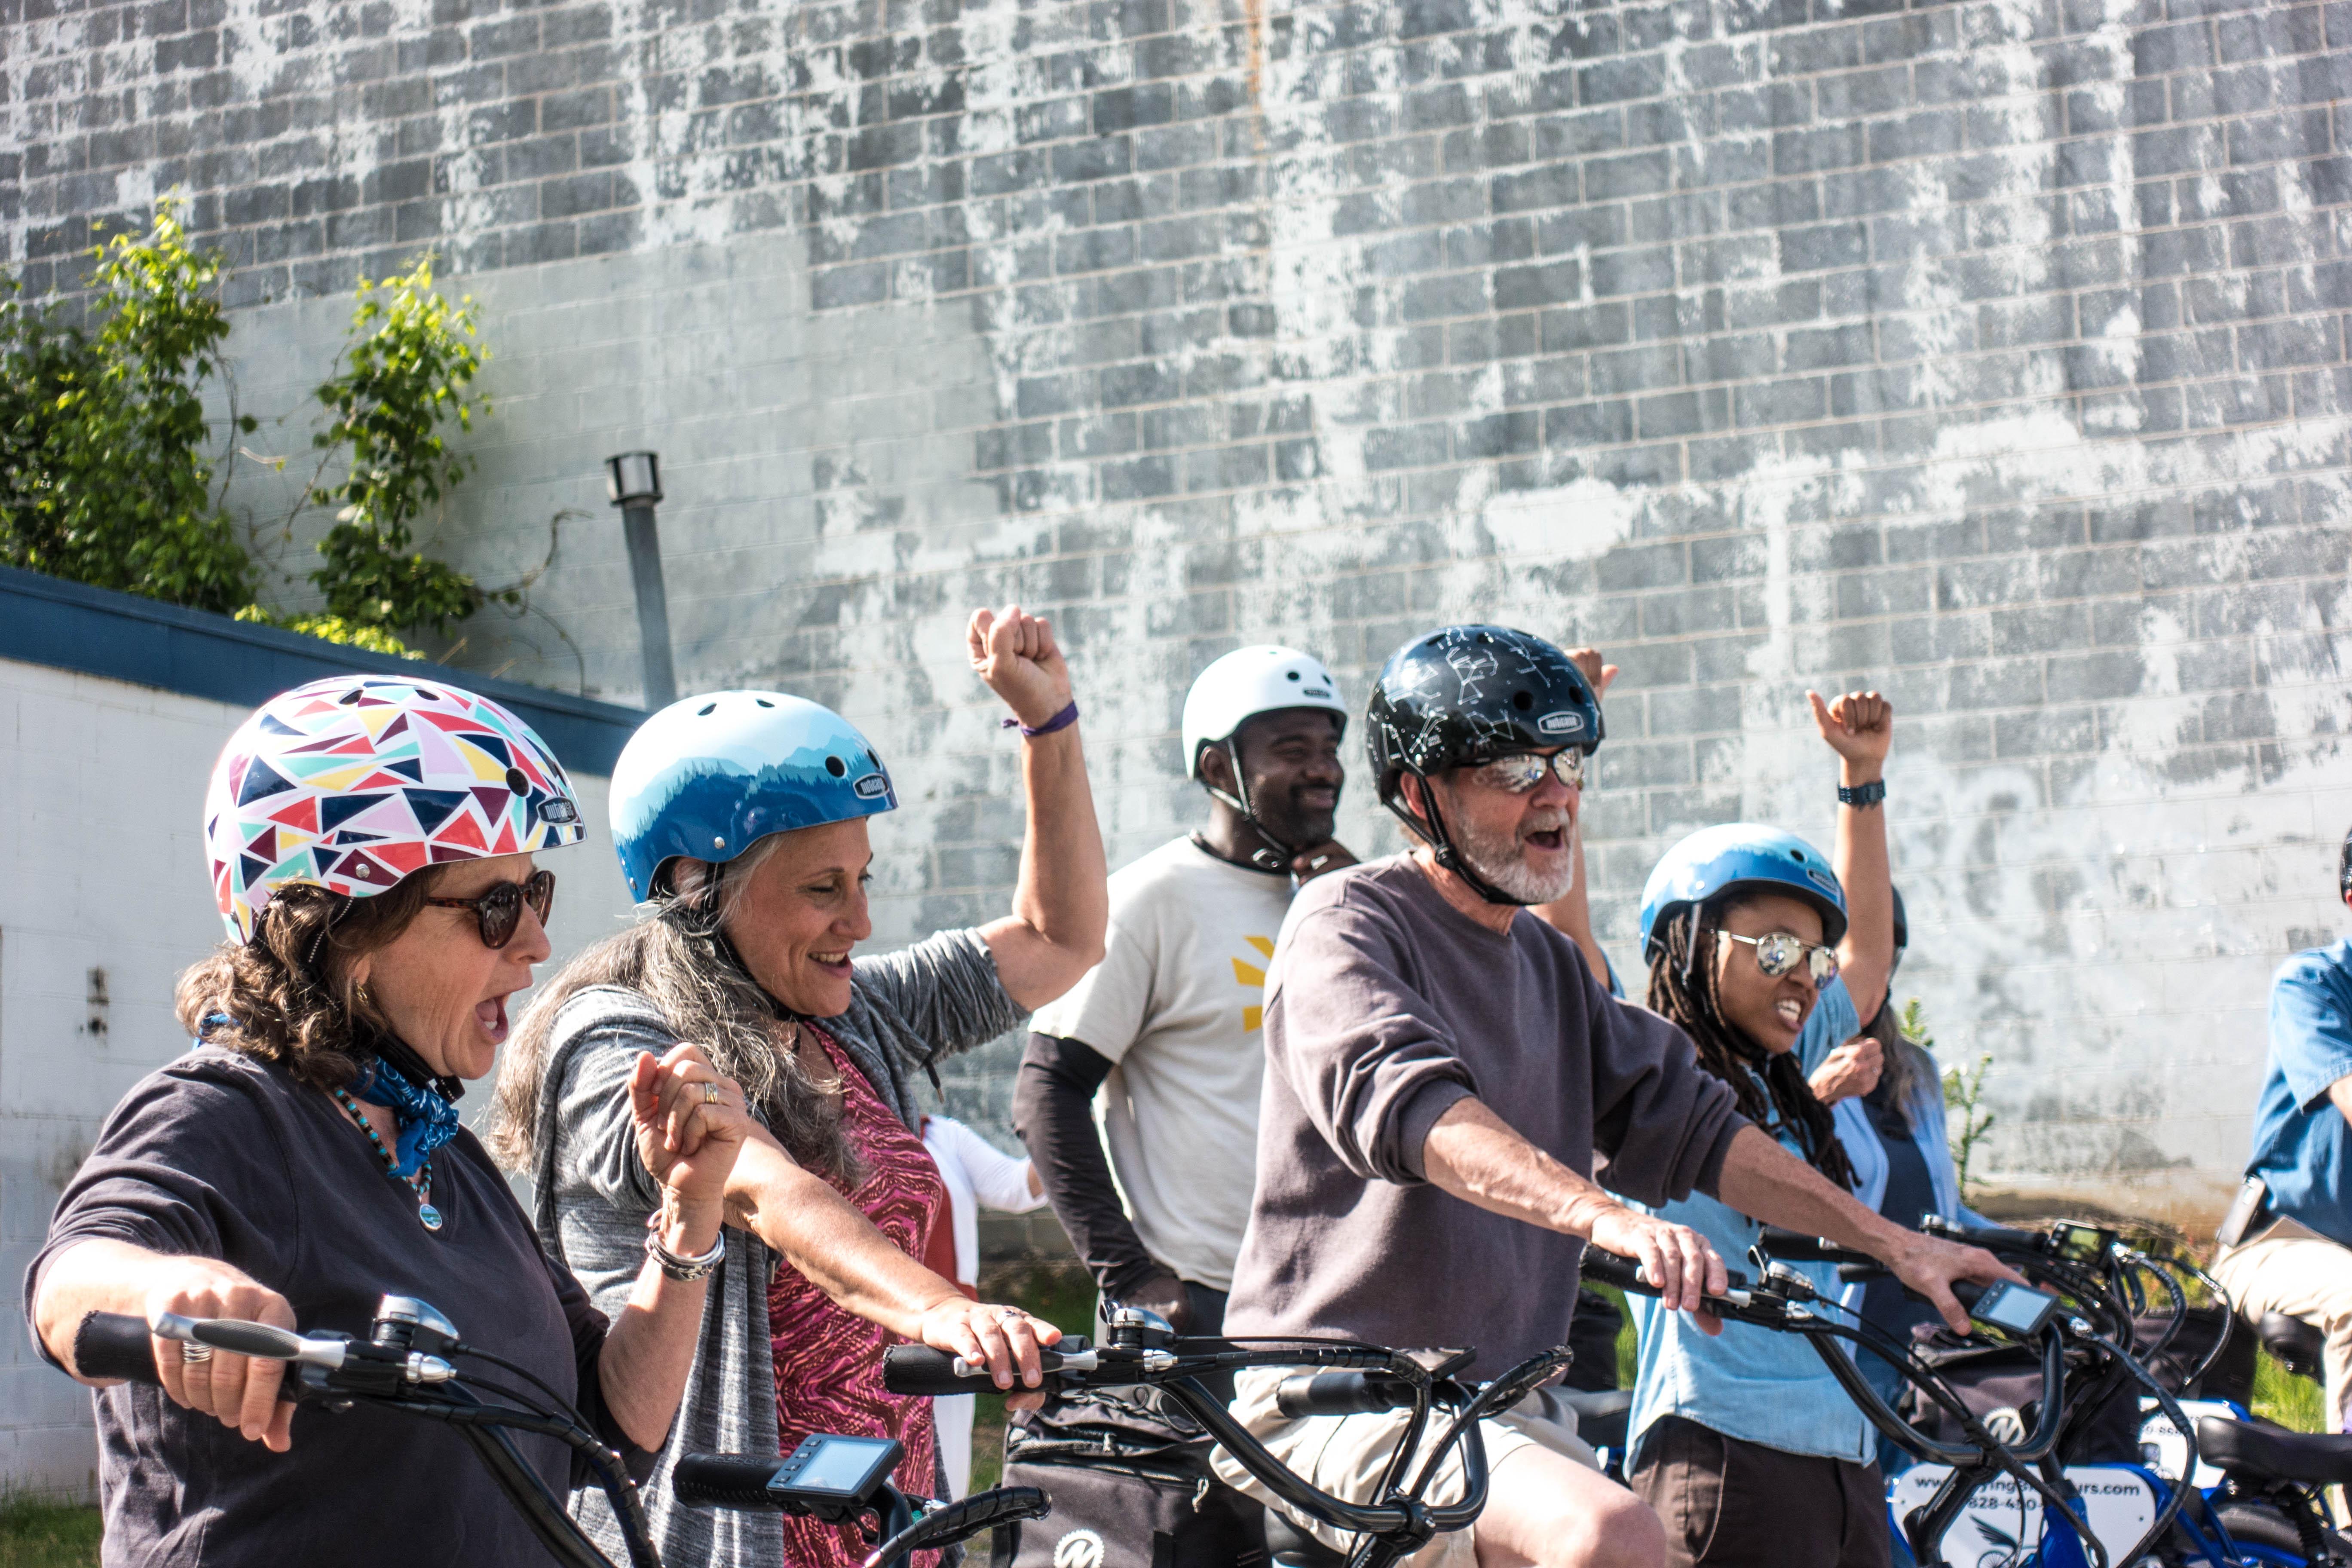 People on a Bike Tour